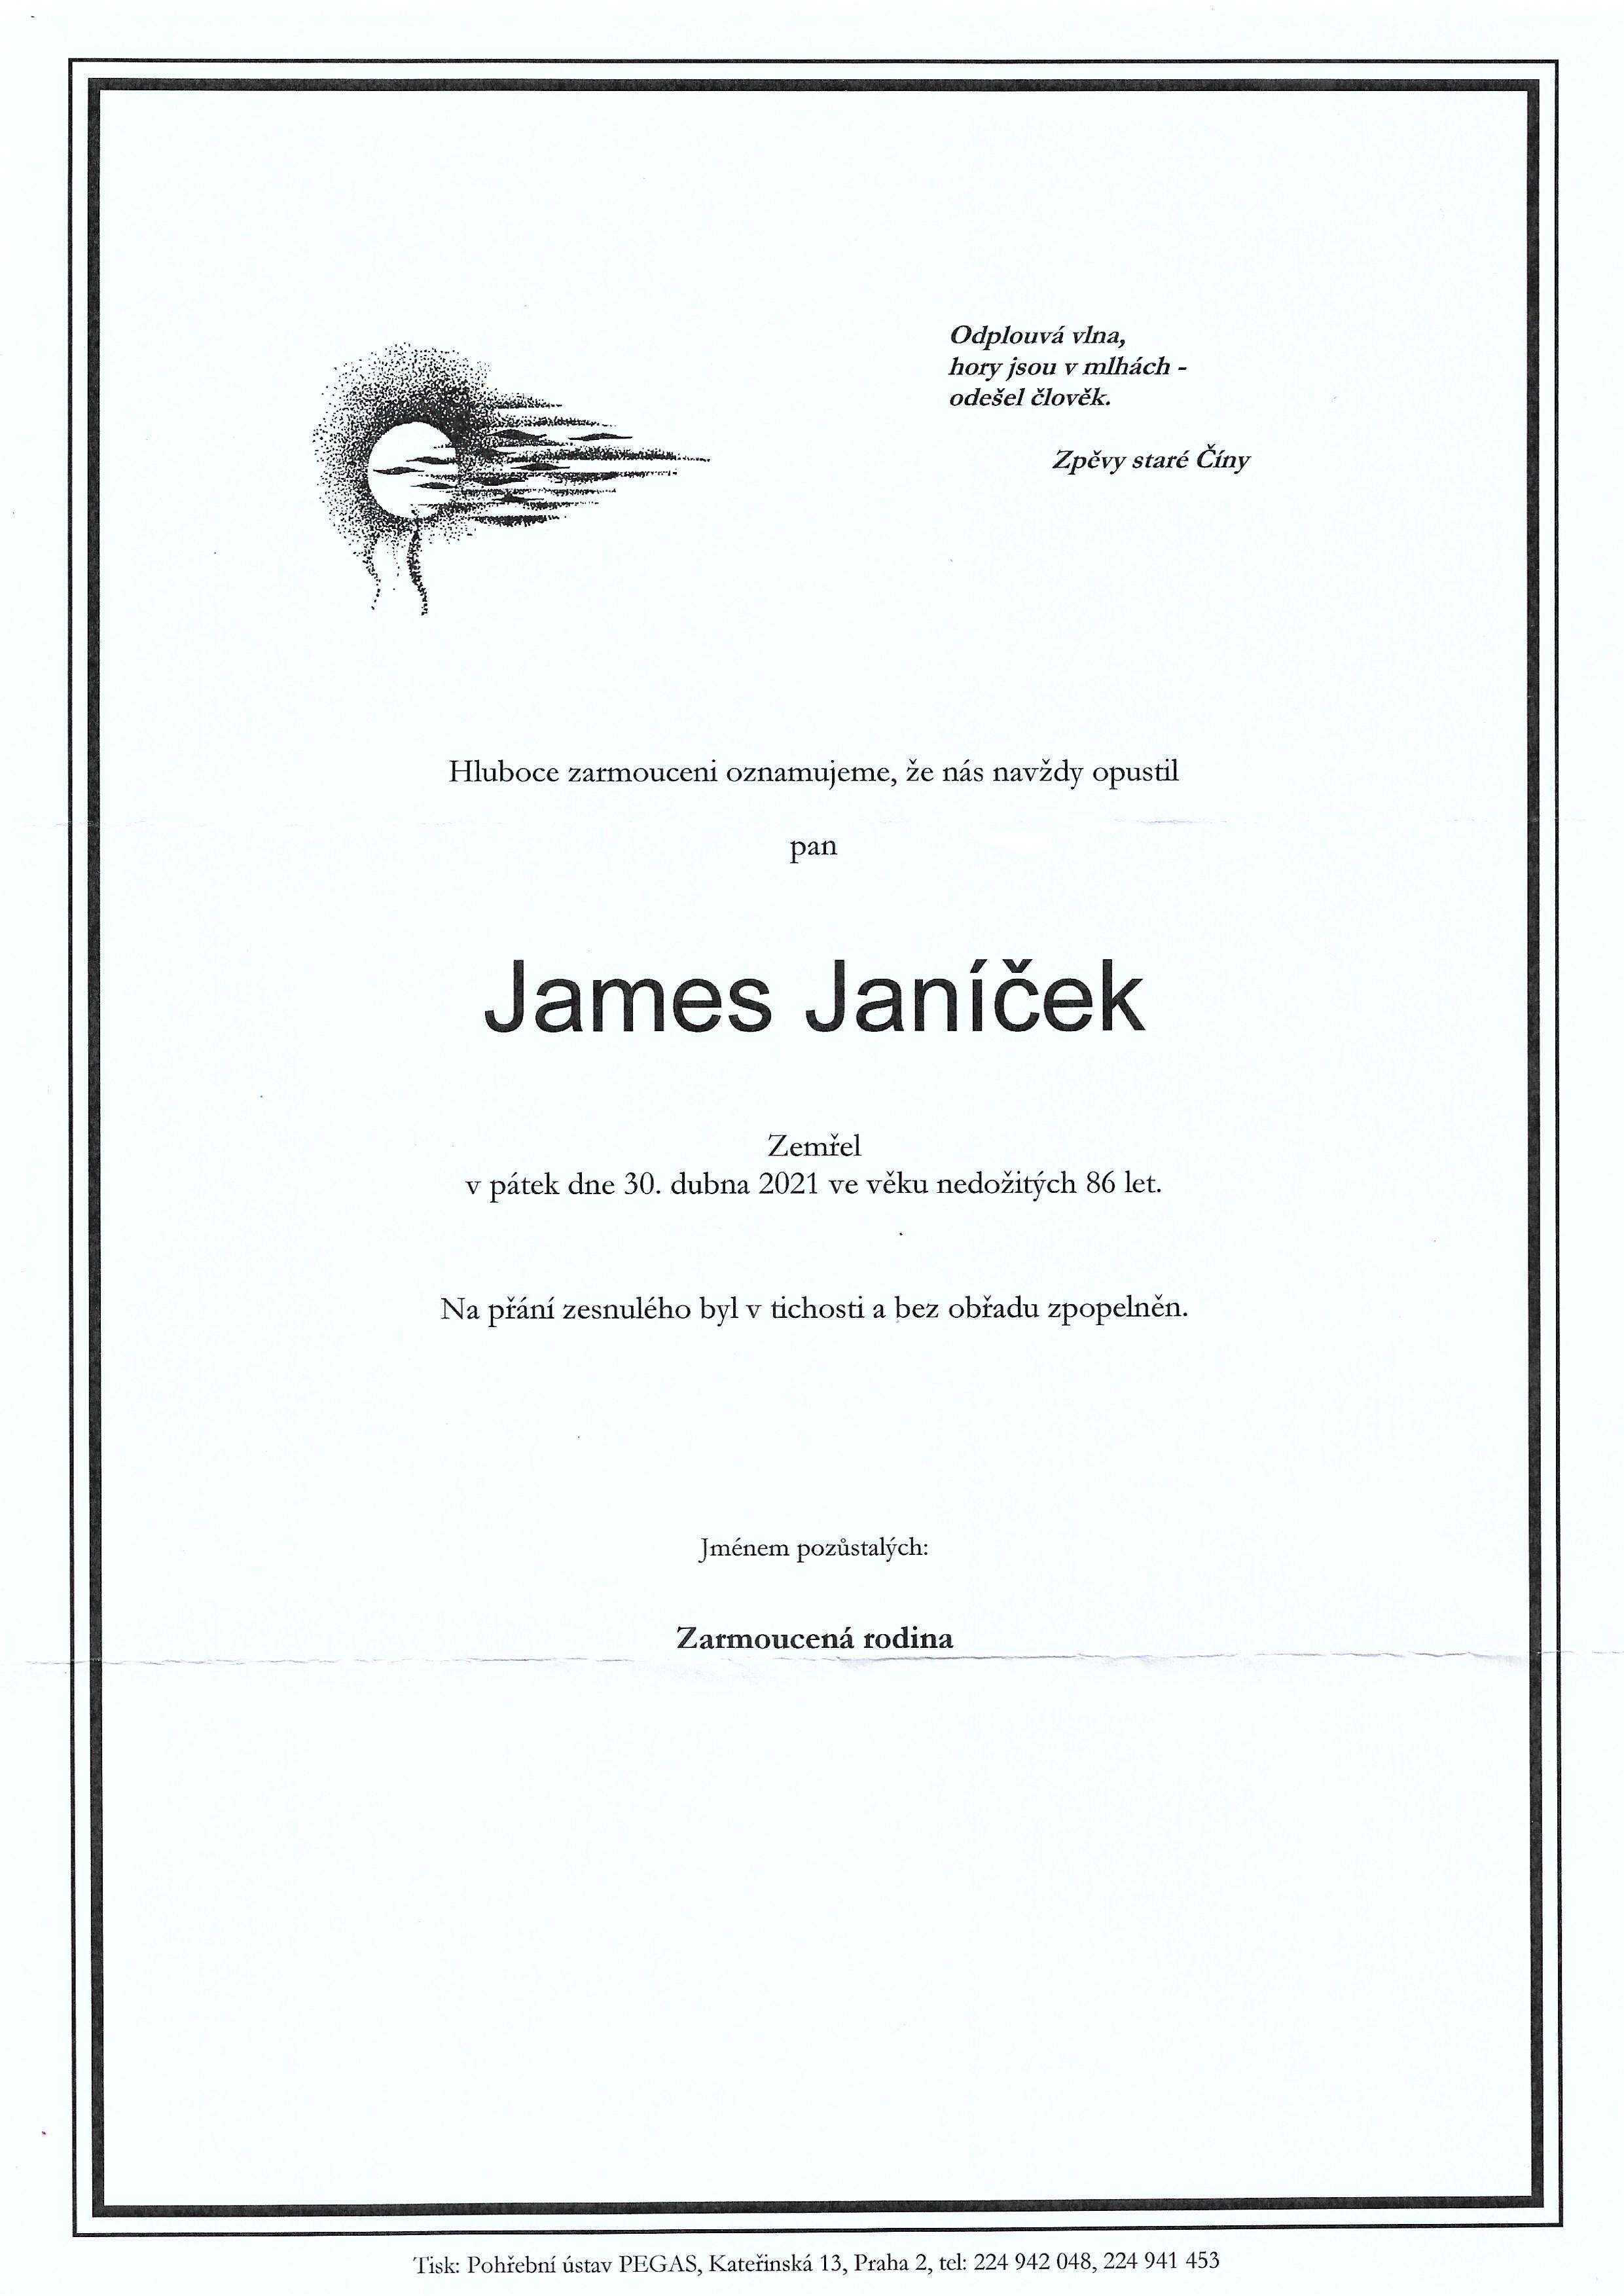 James Janíček parte